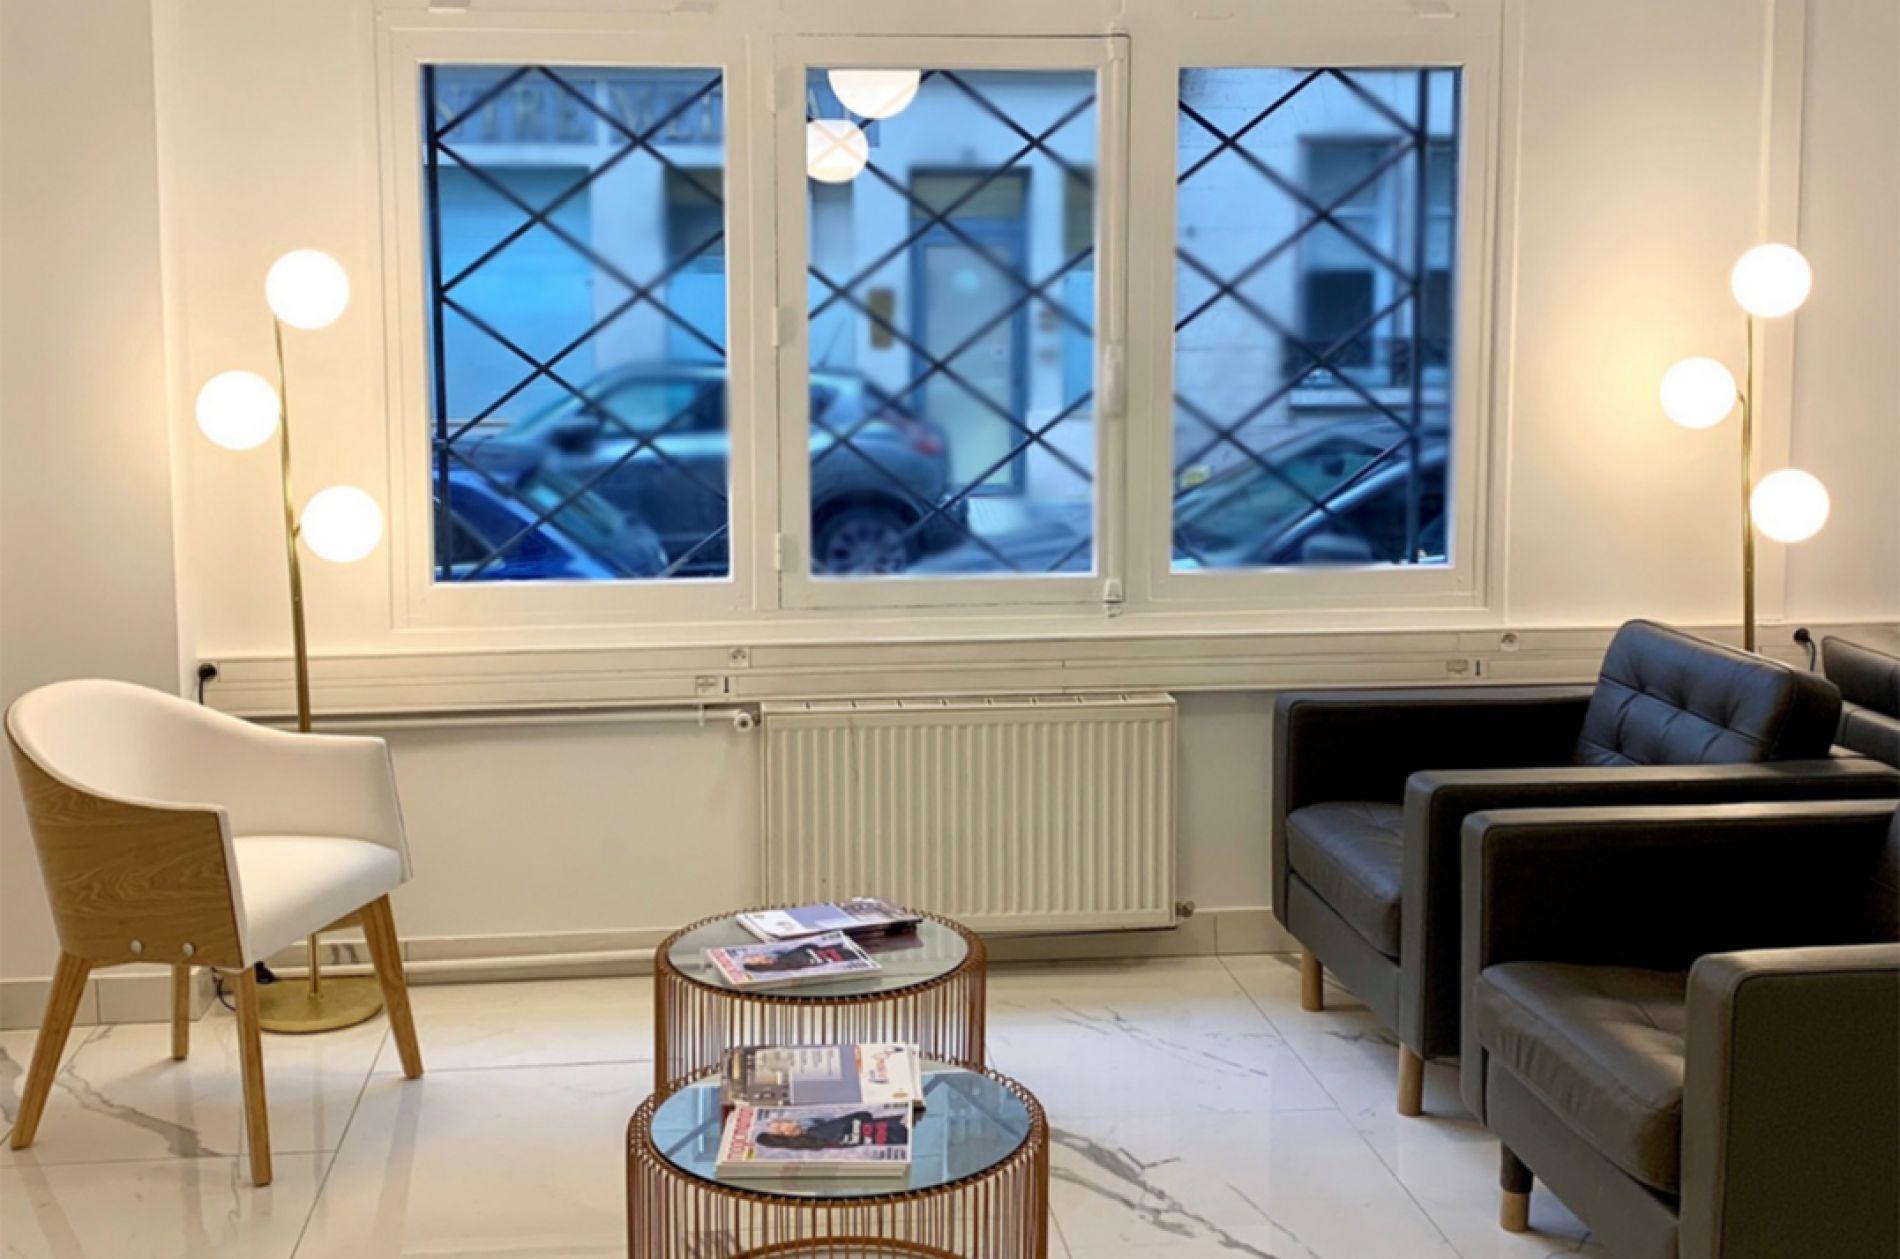 Maternité à la Clinique privée Sainte Thérèse - Paris 17 ème